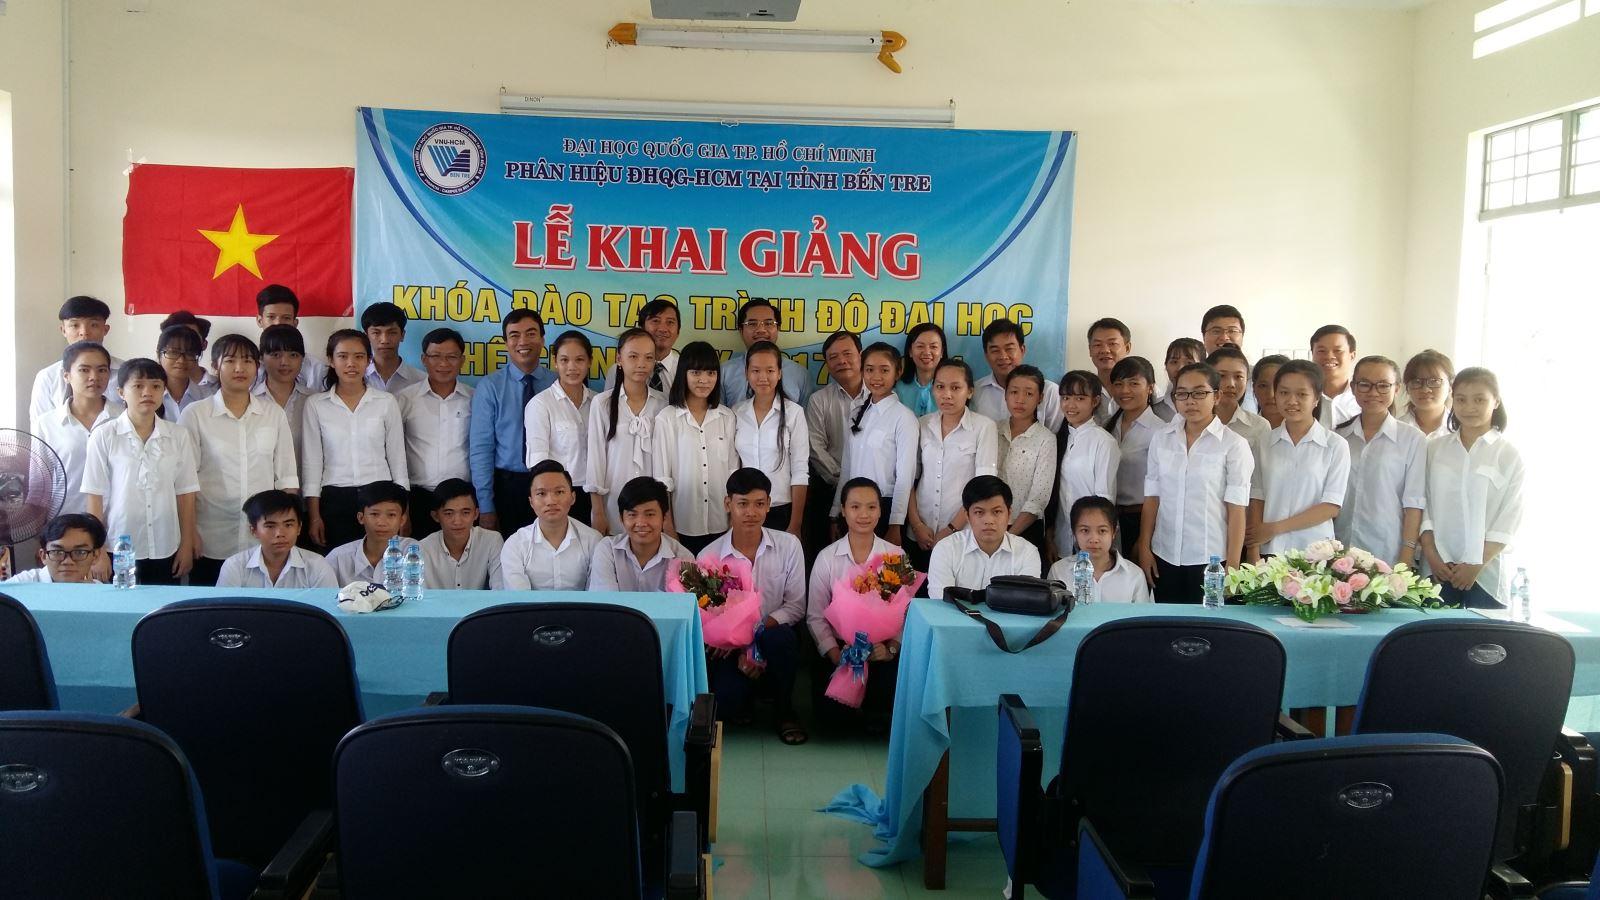 Khai giảng khóa đào tạo trình độ Đại học hệ chính quy đầu tiên ở Phân hiệu Đại học Quốc gia Thành phố Hồ Chí Minh tại tỉnh Bến Tre